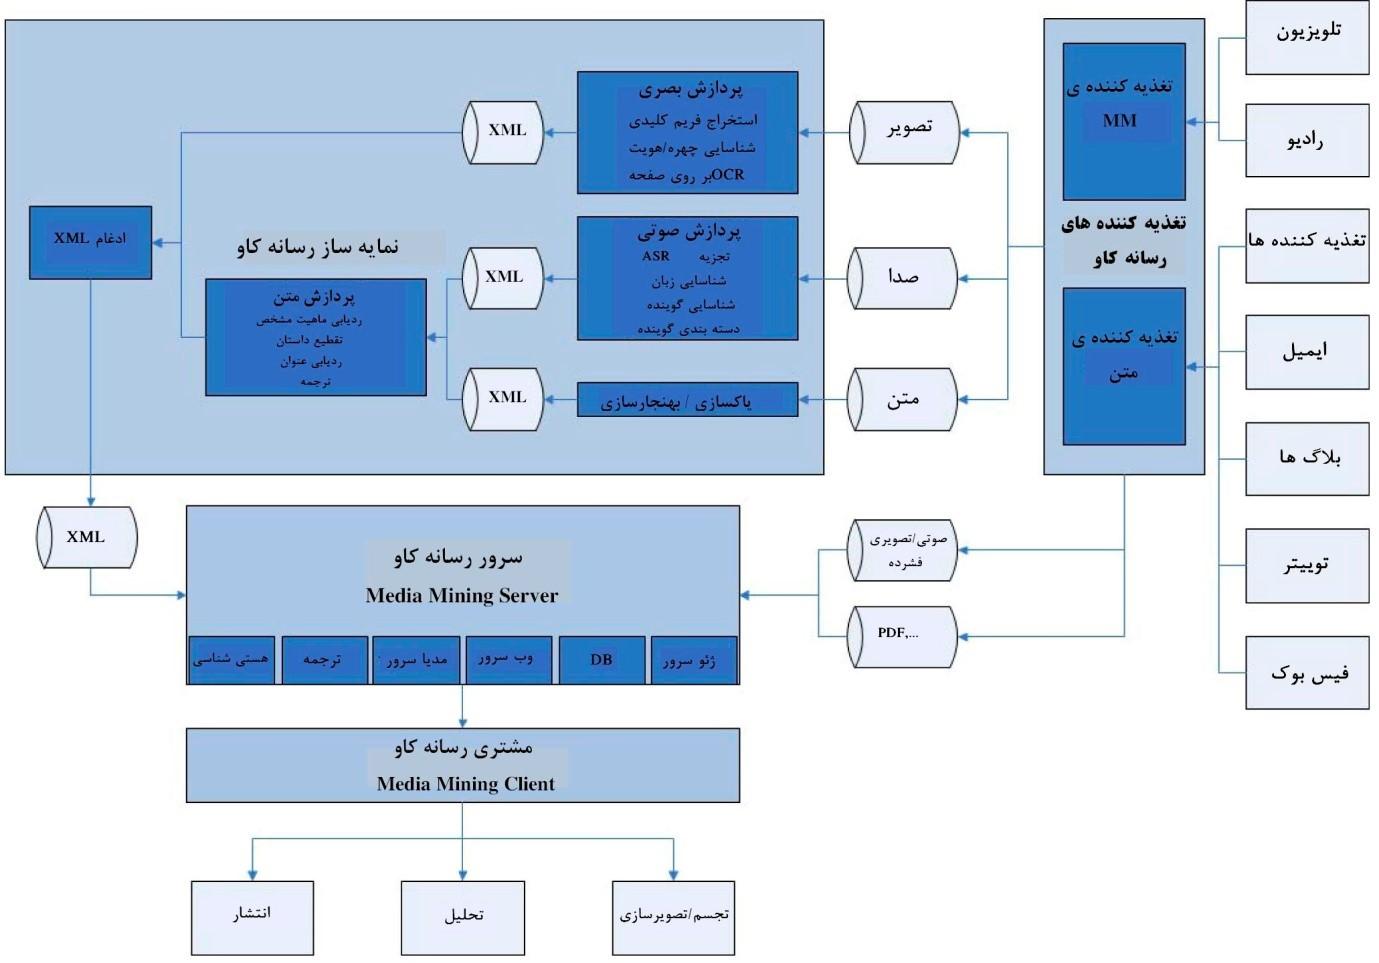 ساختار کلی سیستم MM